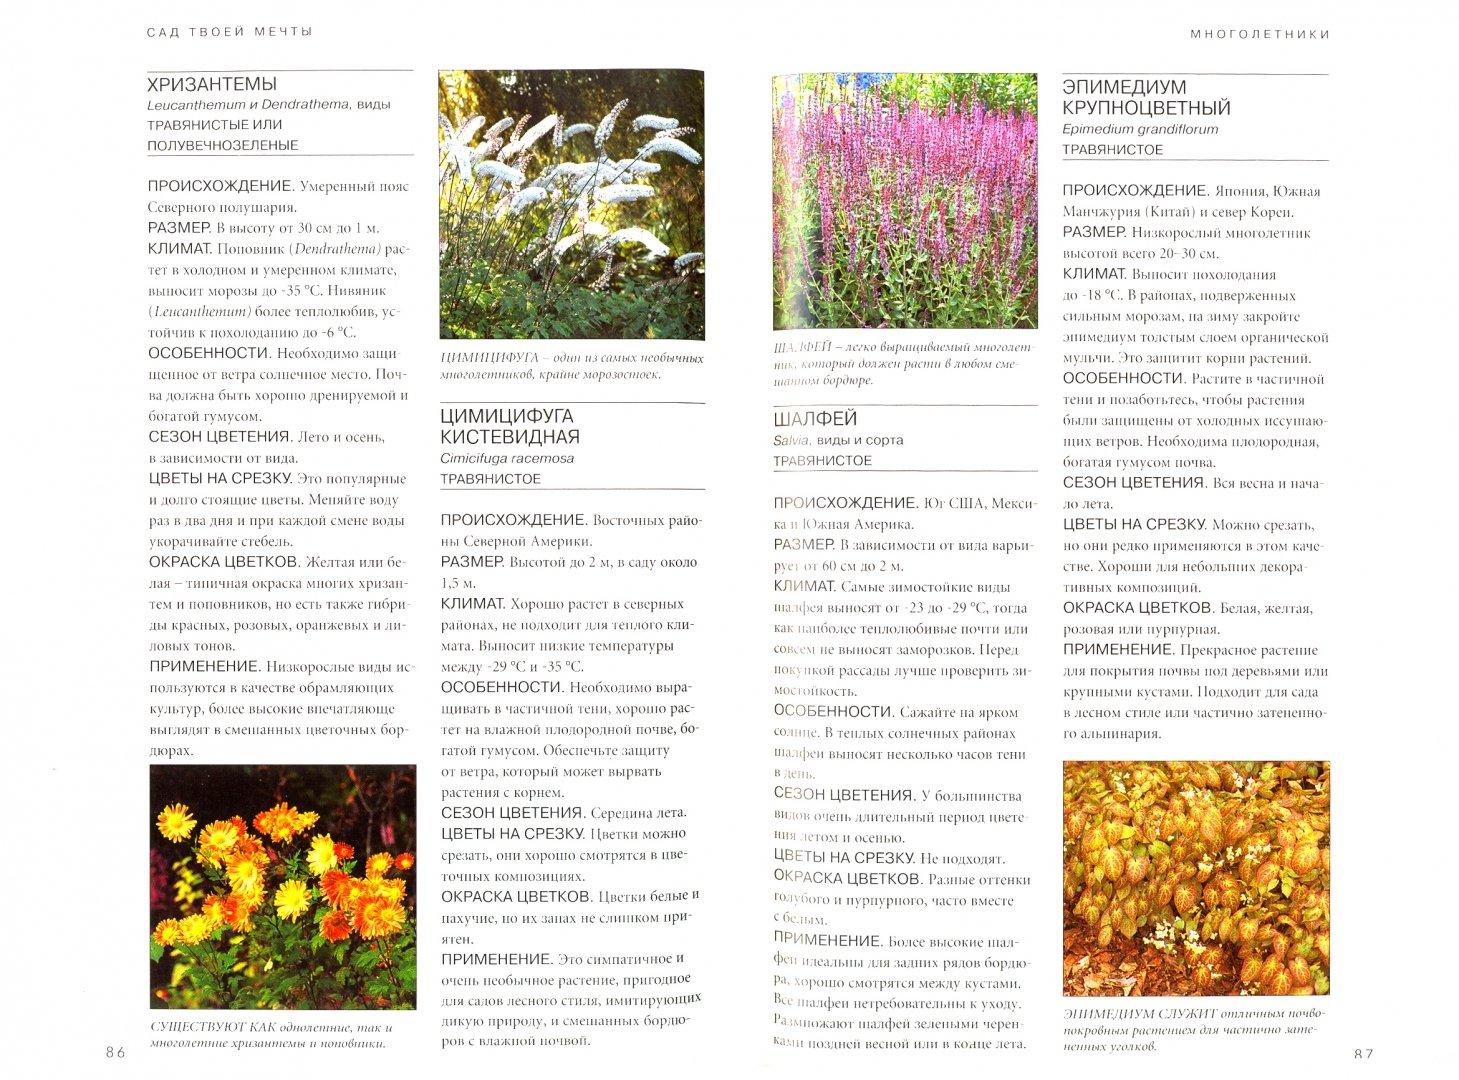 Иллюстрация 1 из 24 для Сад твоей мечты. Цветы и растения - Берни, Тугуд | Лабиринт - книги. Источник: Лабиринт